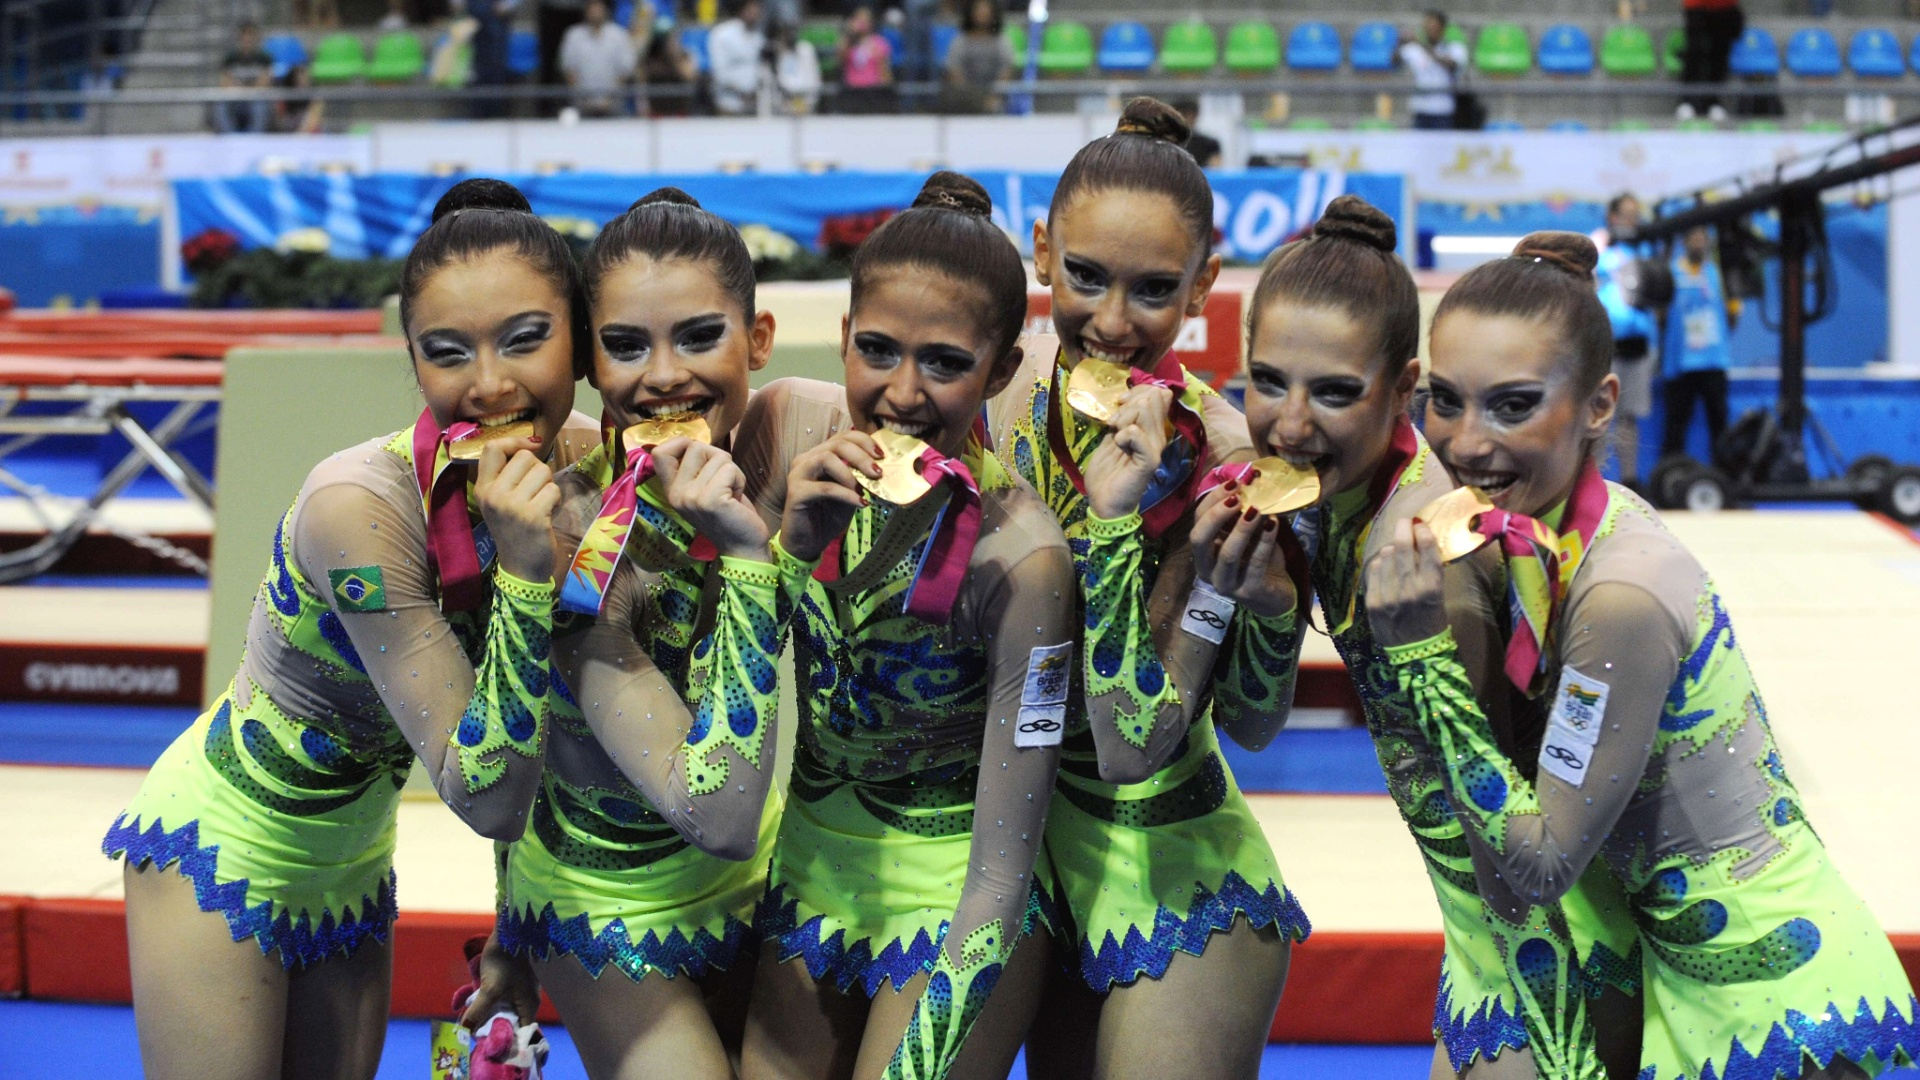 A equipe brasileira de ginástica rítmica totalizou 48,575 pontos nas duas apresentações e conquistou a medalha de ouro (16/10/2011)